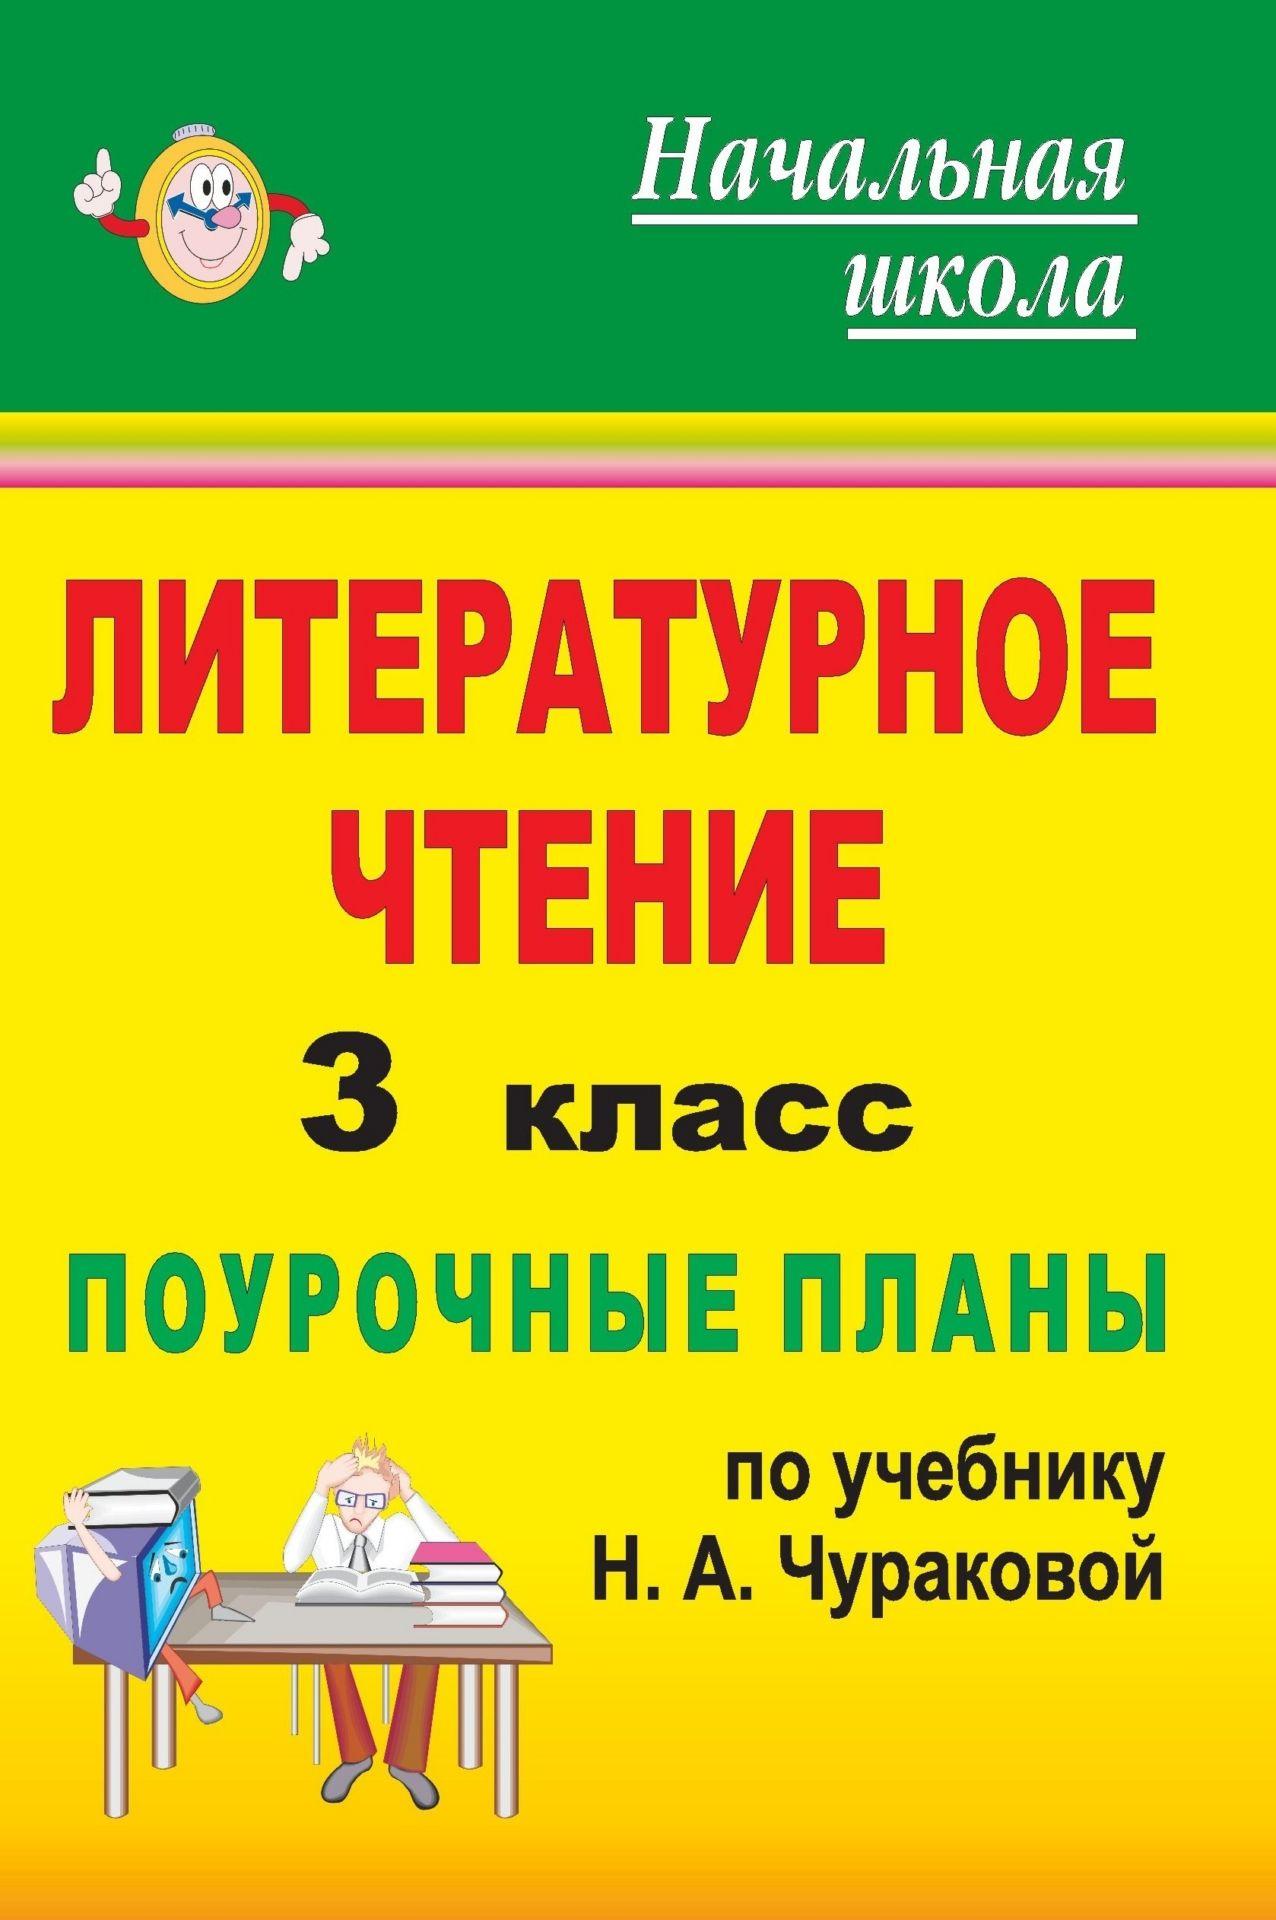 Литературное чтение. 3 класс: поурочные планы по учебнику Н. А. Чураковой